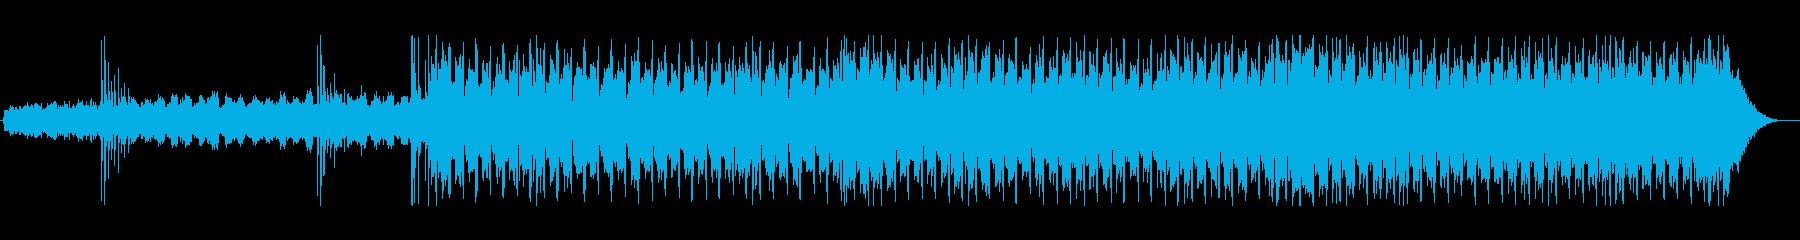 まさに80'sのスローな四つ打ちの再生済みの波形